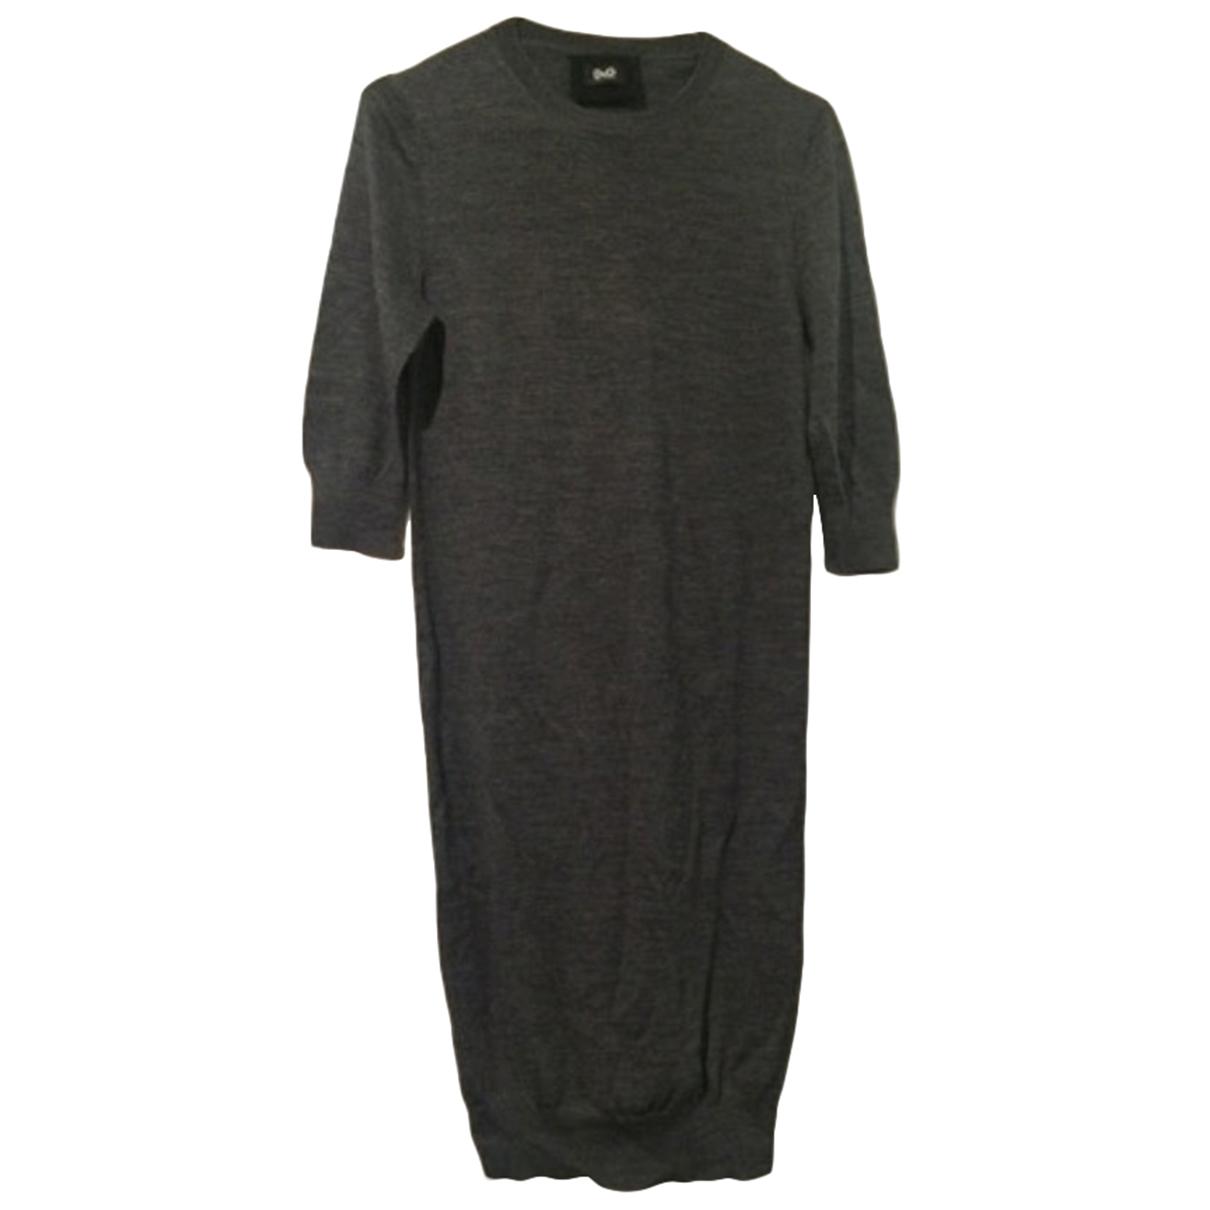 D&g - Robe   pour femme en laine - anthracite